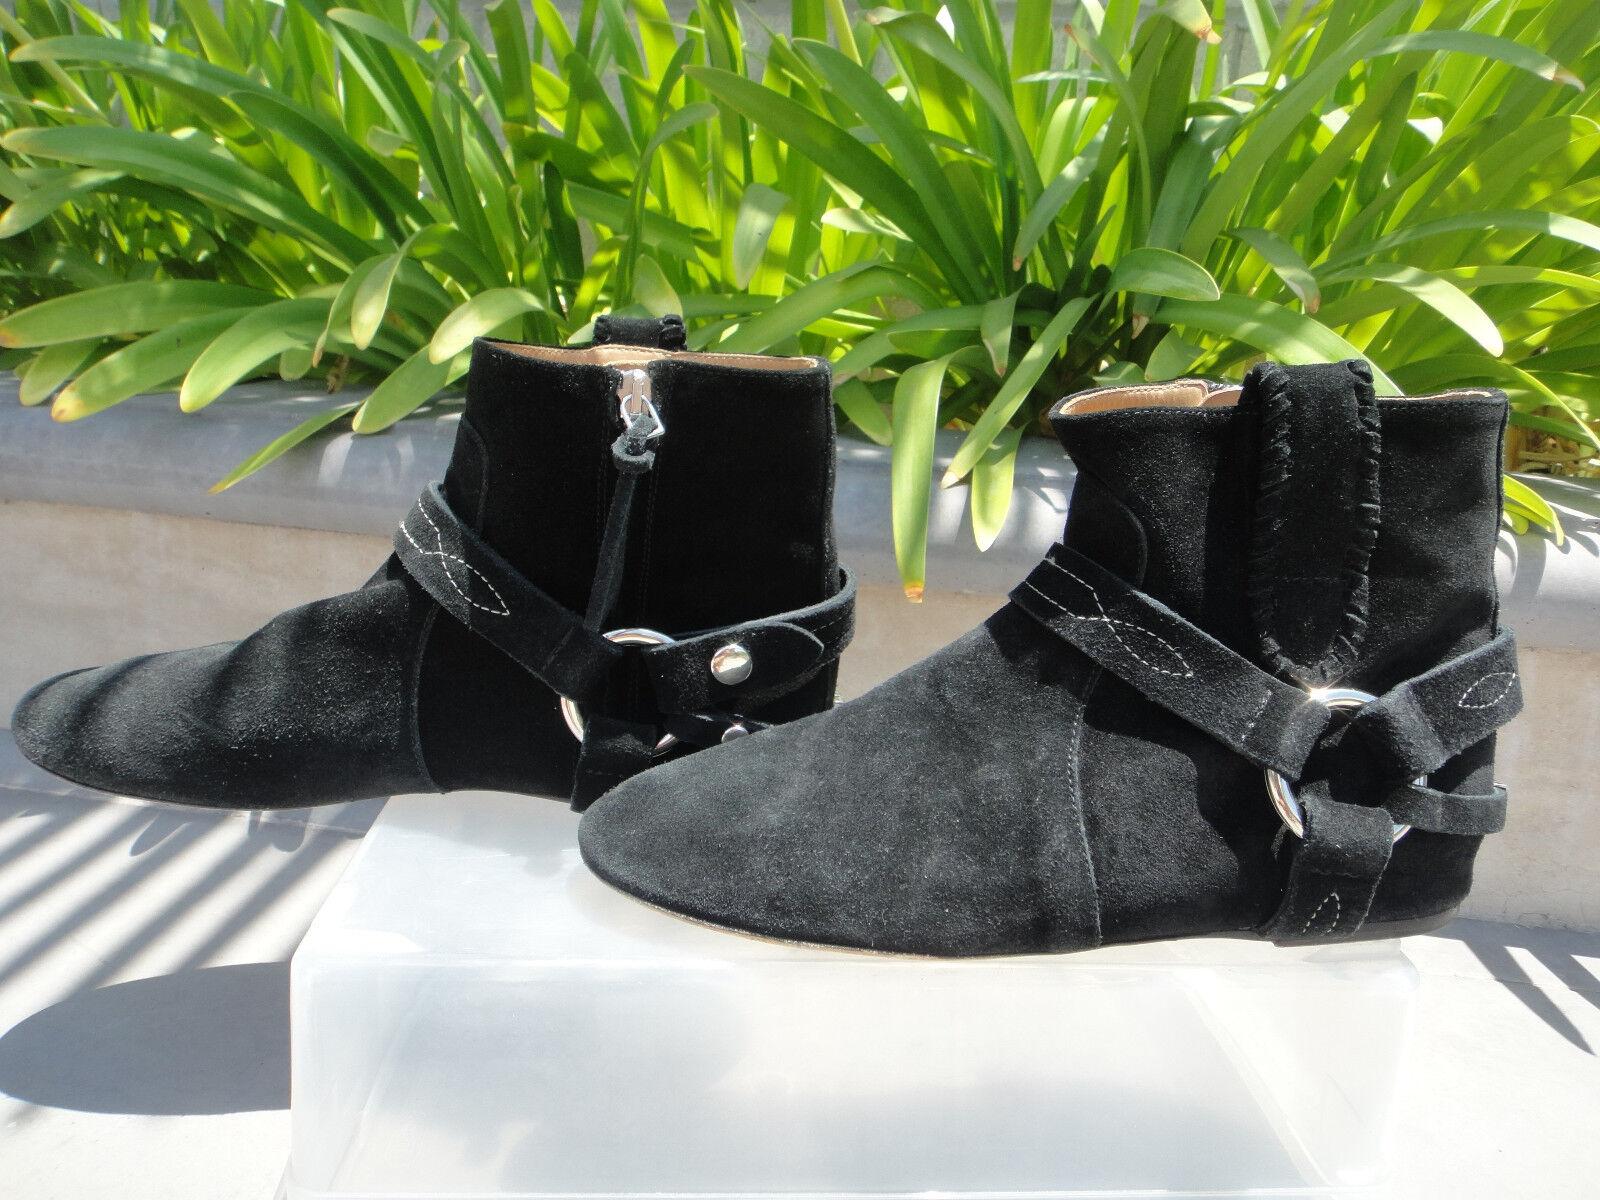 Isabel Marant Etoile RALF Embellished Suede Ankle Boots, Black,  Size EUR38